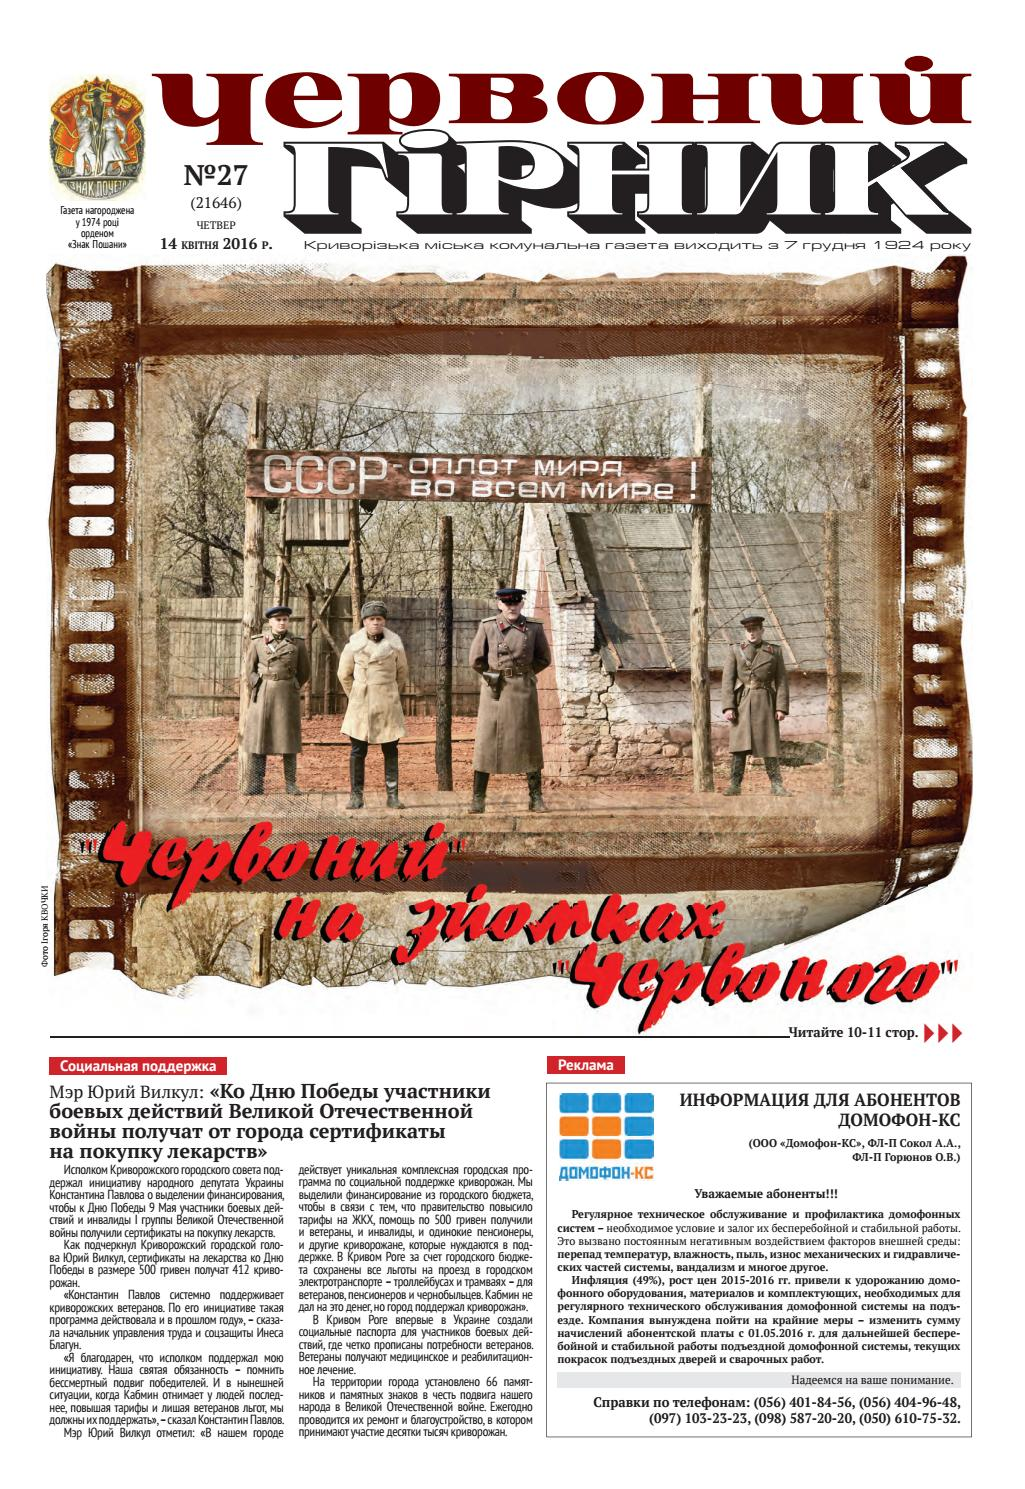 Червоний гірник №27 (21646) by The newspaper